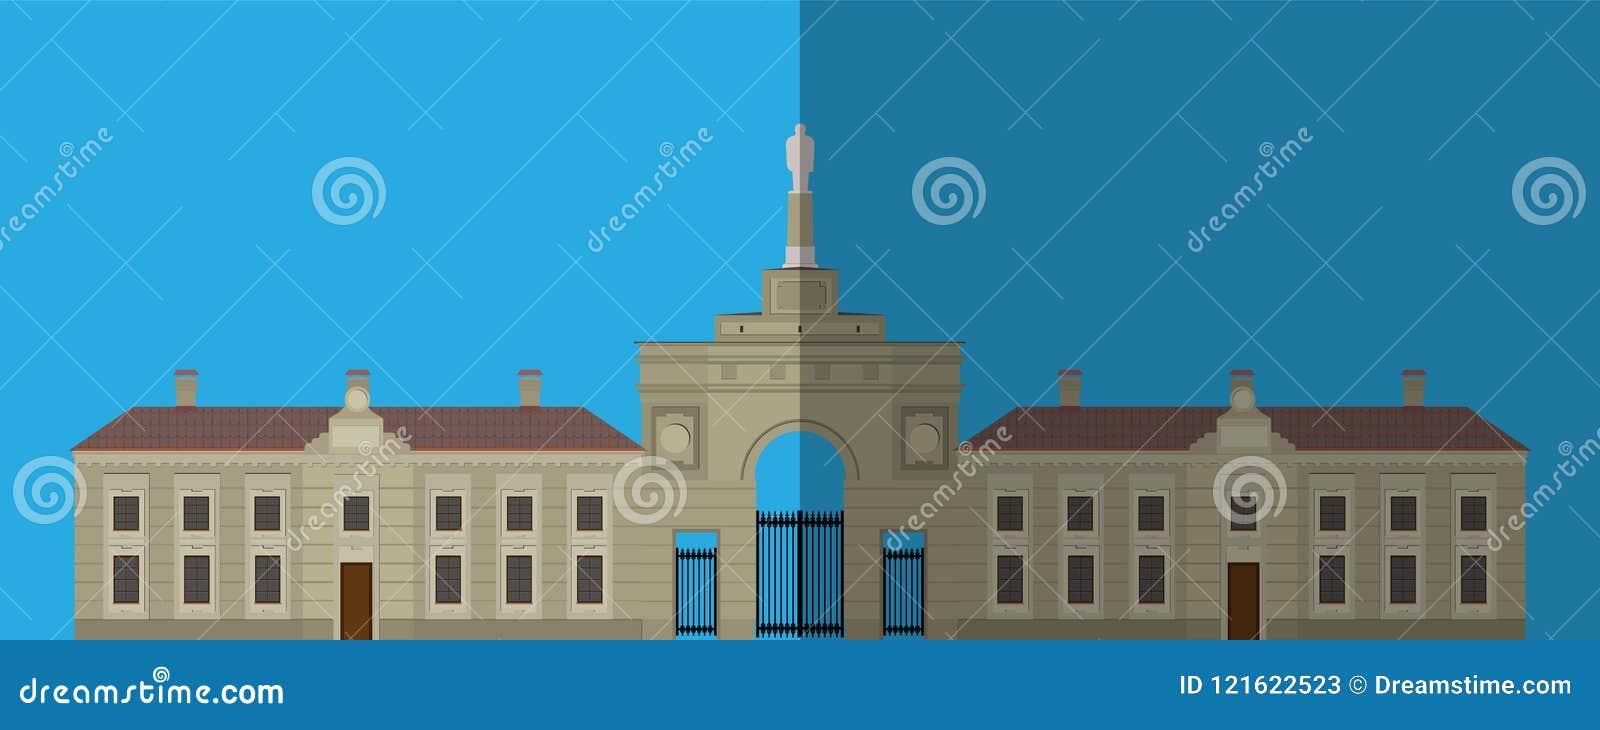 Pałac ikona Płaski wizerunek